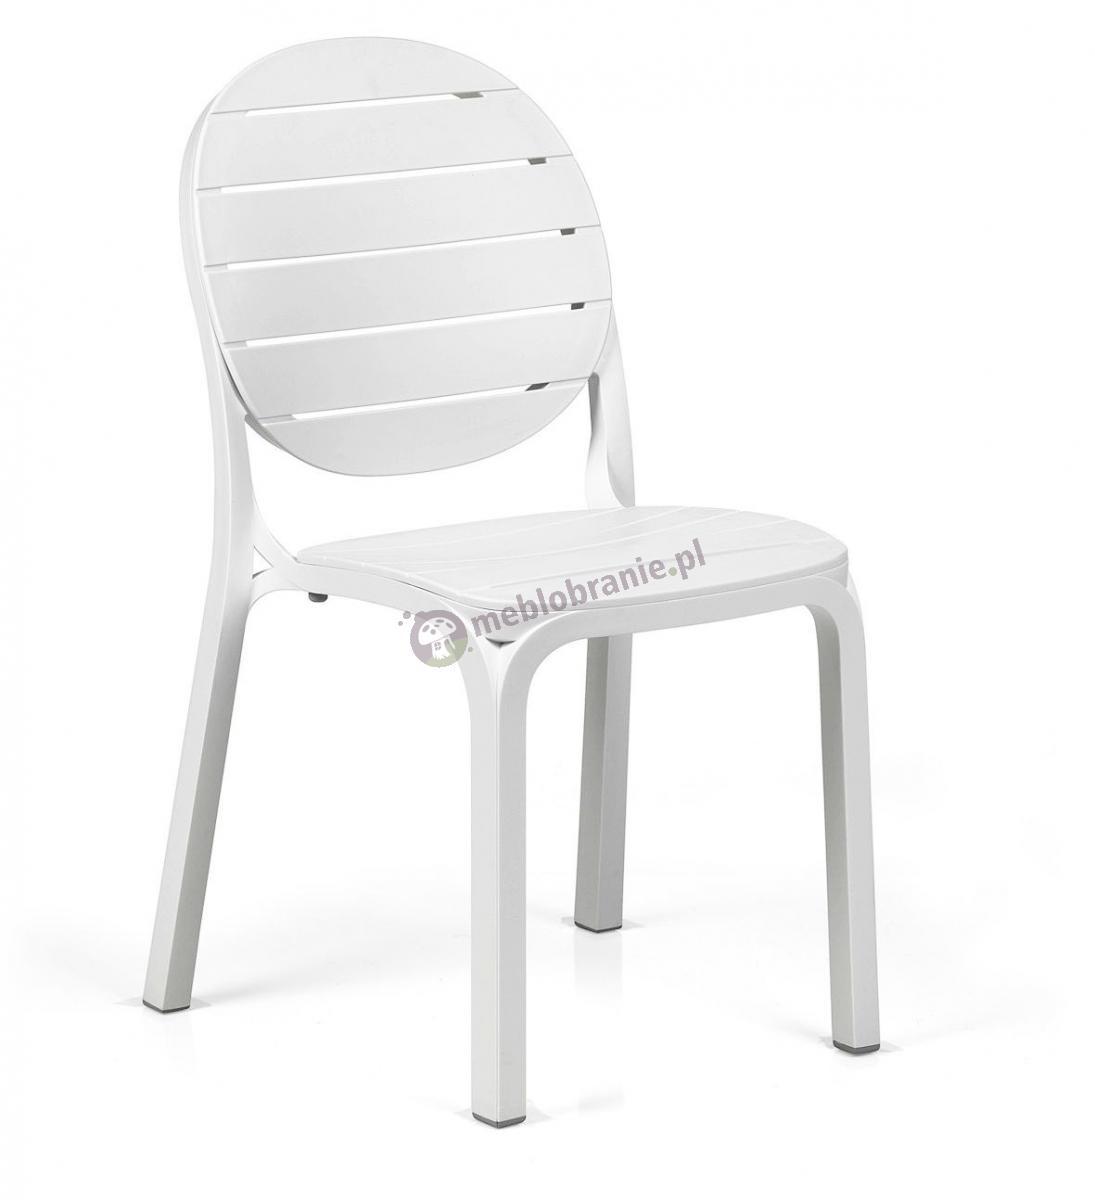 Nardi Erica krzesło na balkon Bianco/Bianco